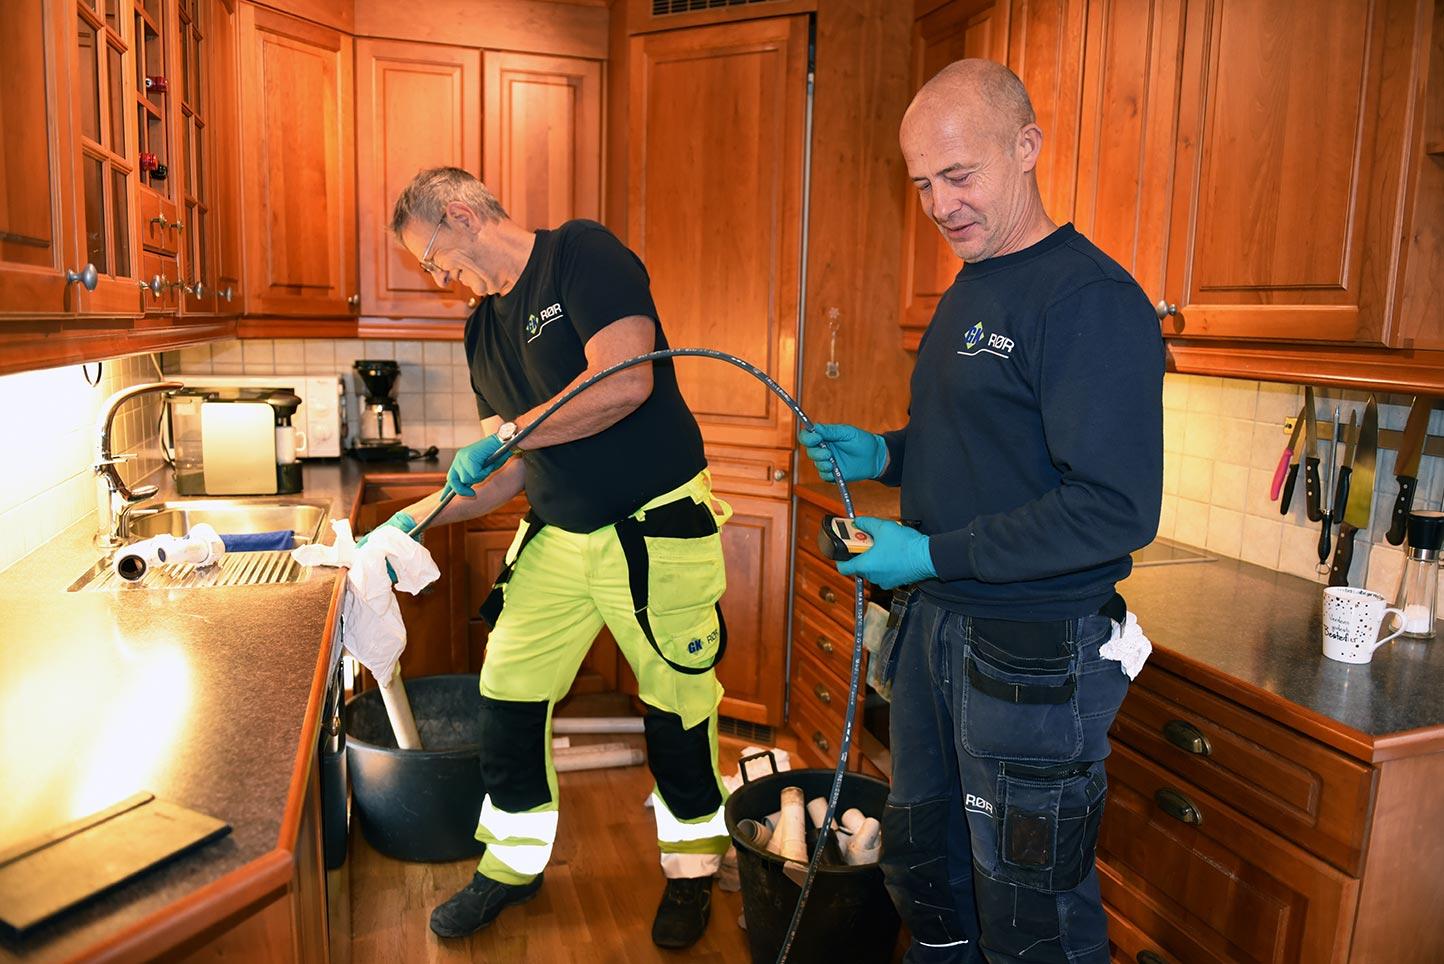 Rørleggere-jobber-på-kjøkkenet_Rørspyling_POS_4233-web.jpg